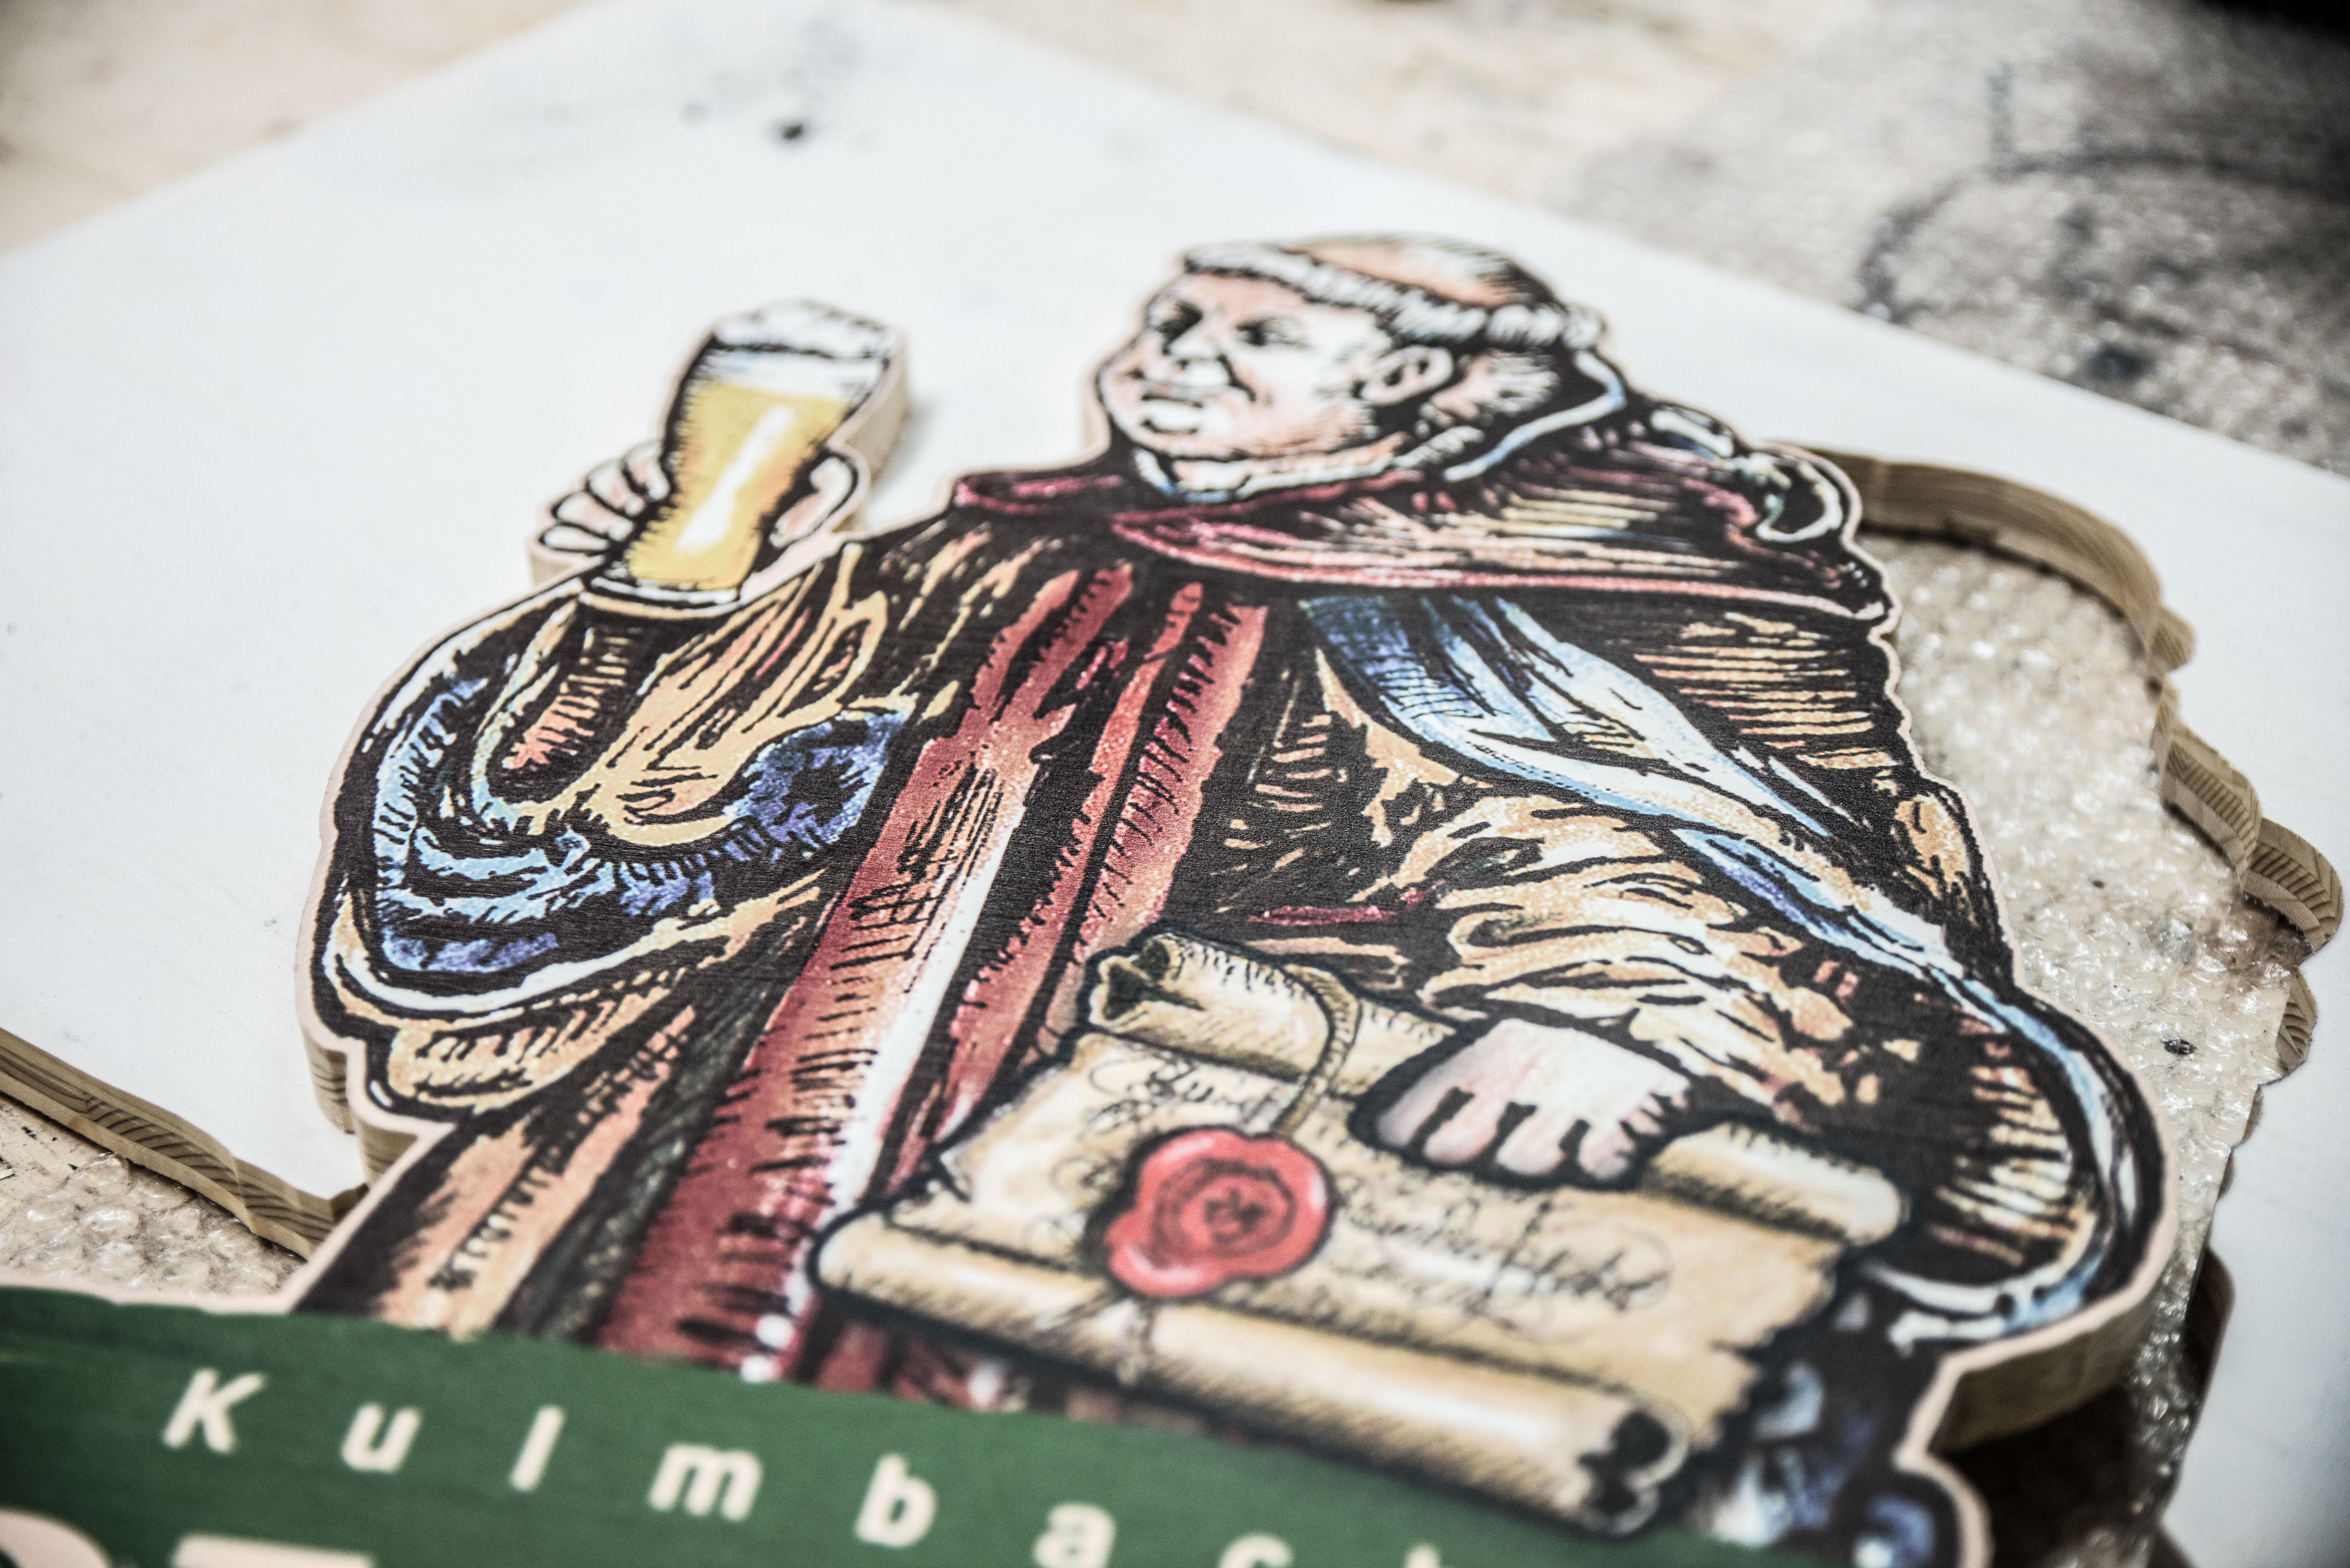 Detailansicht eines bedruckten und gefrästen Holzschildes